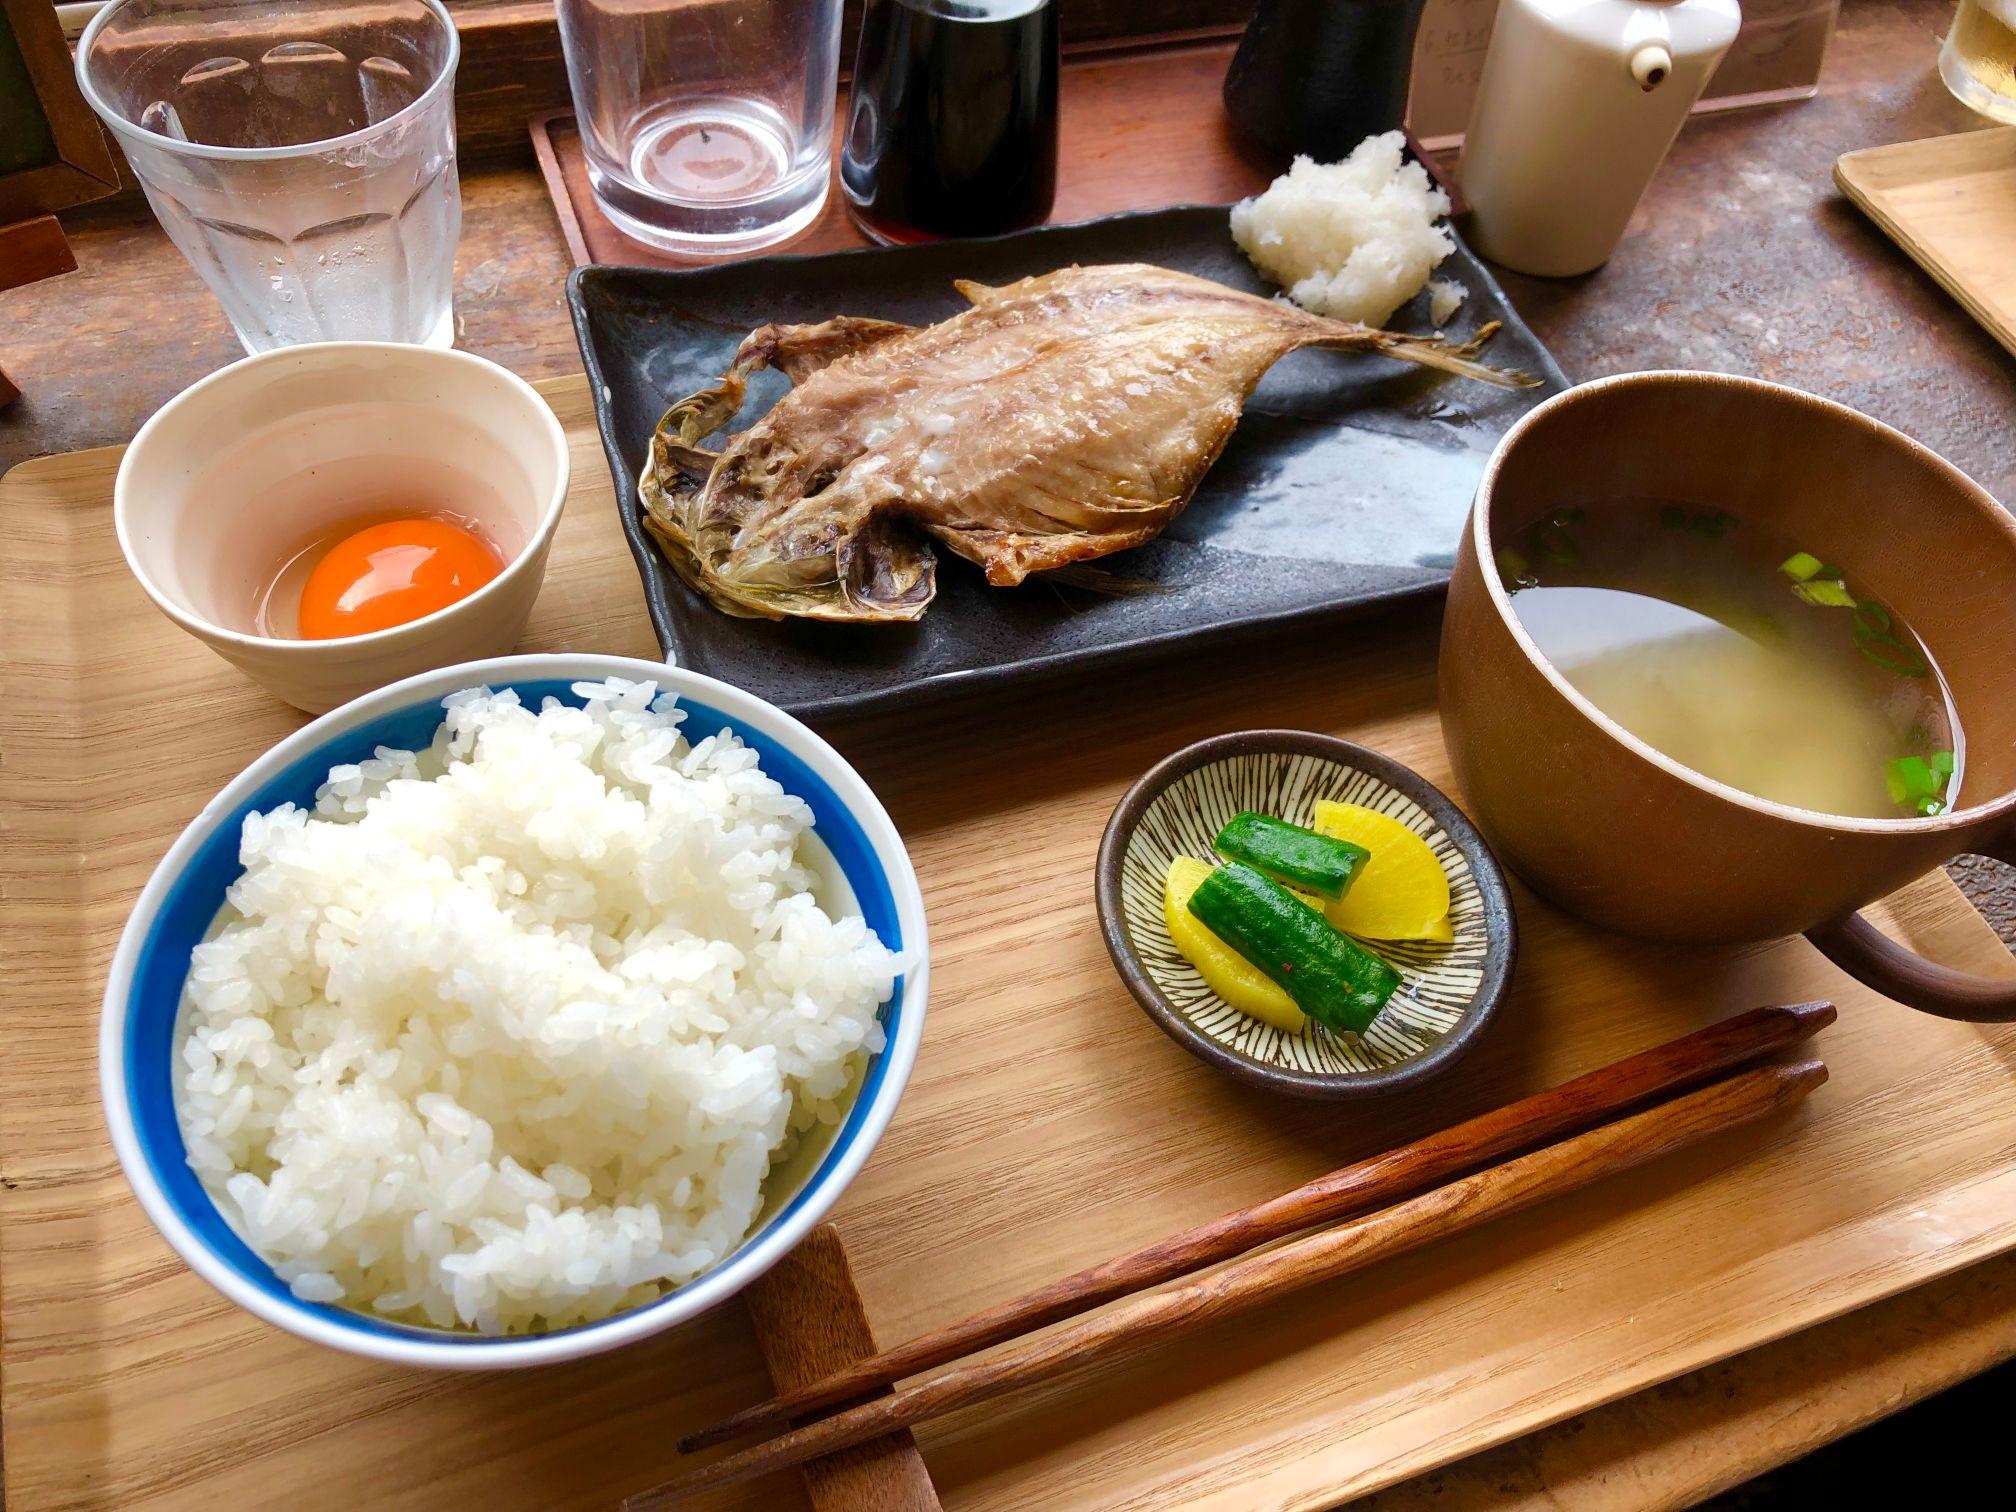 《最高の朝活》ふわふわの卵かけご飯✨鎌倉にあるおしゃれカフェ【ヨリドコロ】_4